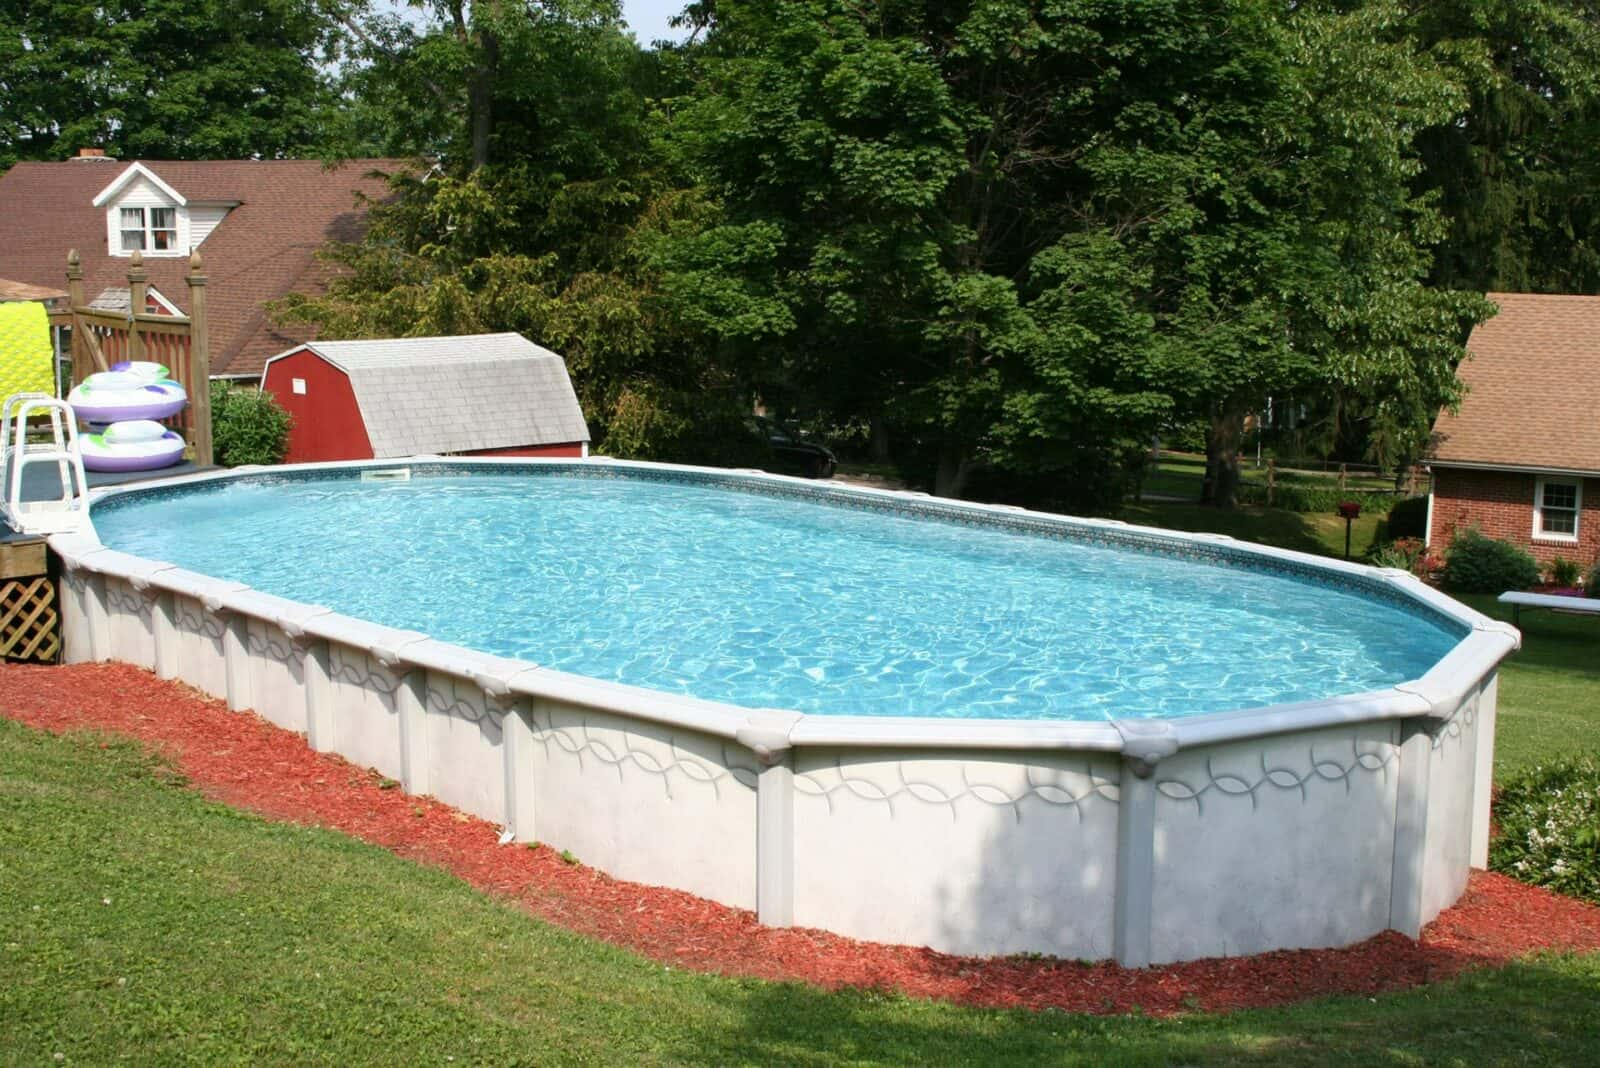 Swimming Pools #003 By Buchmyer's Pools.jpg-min-min